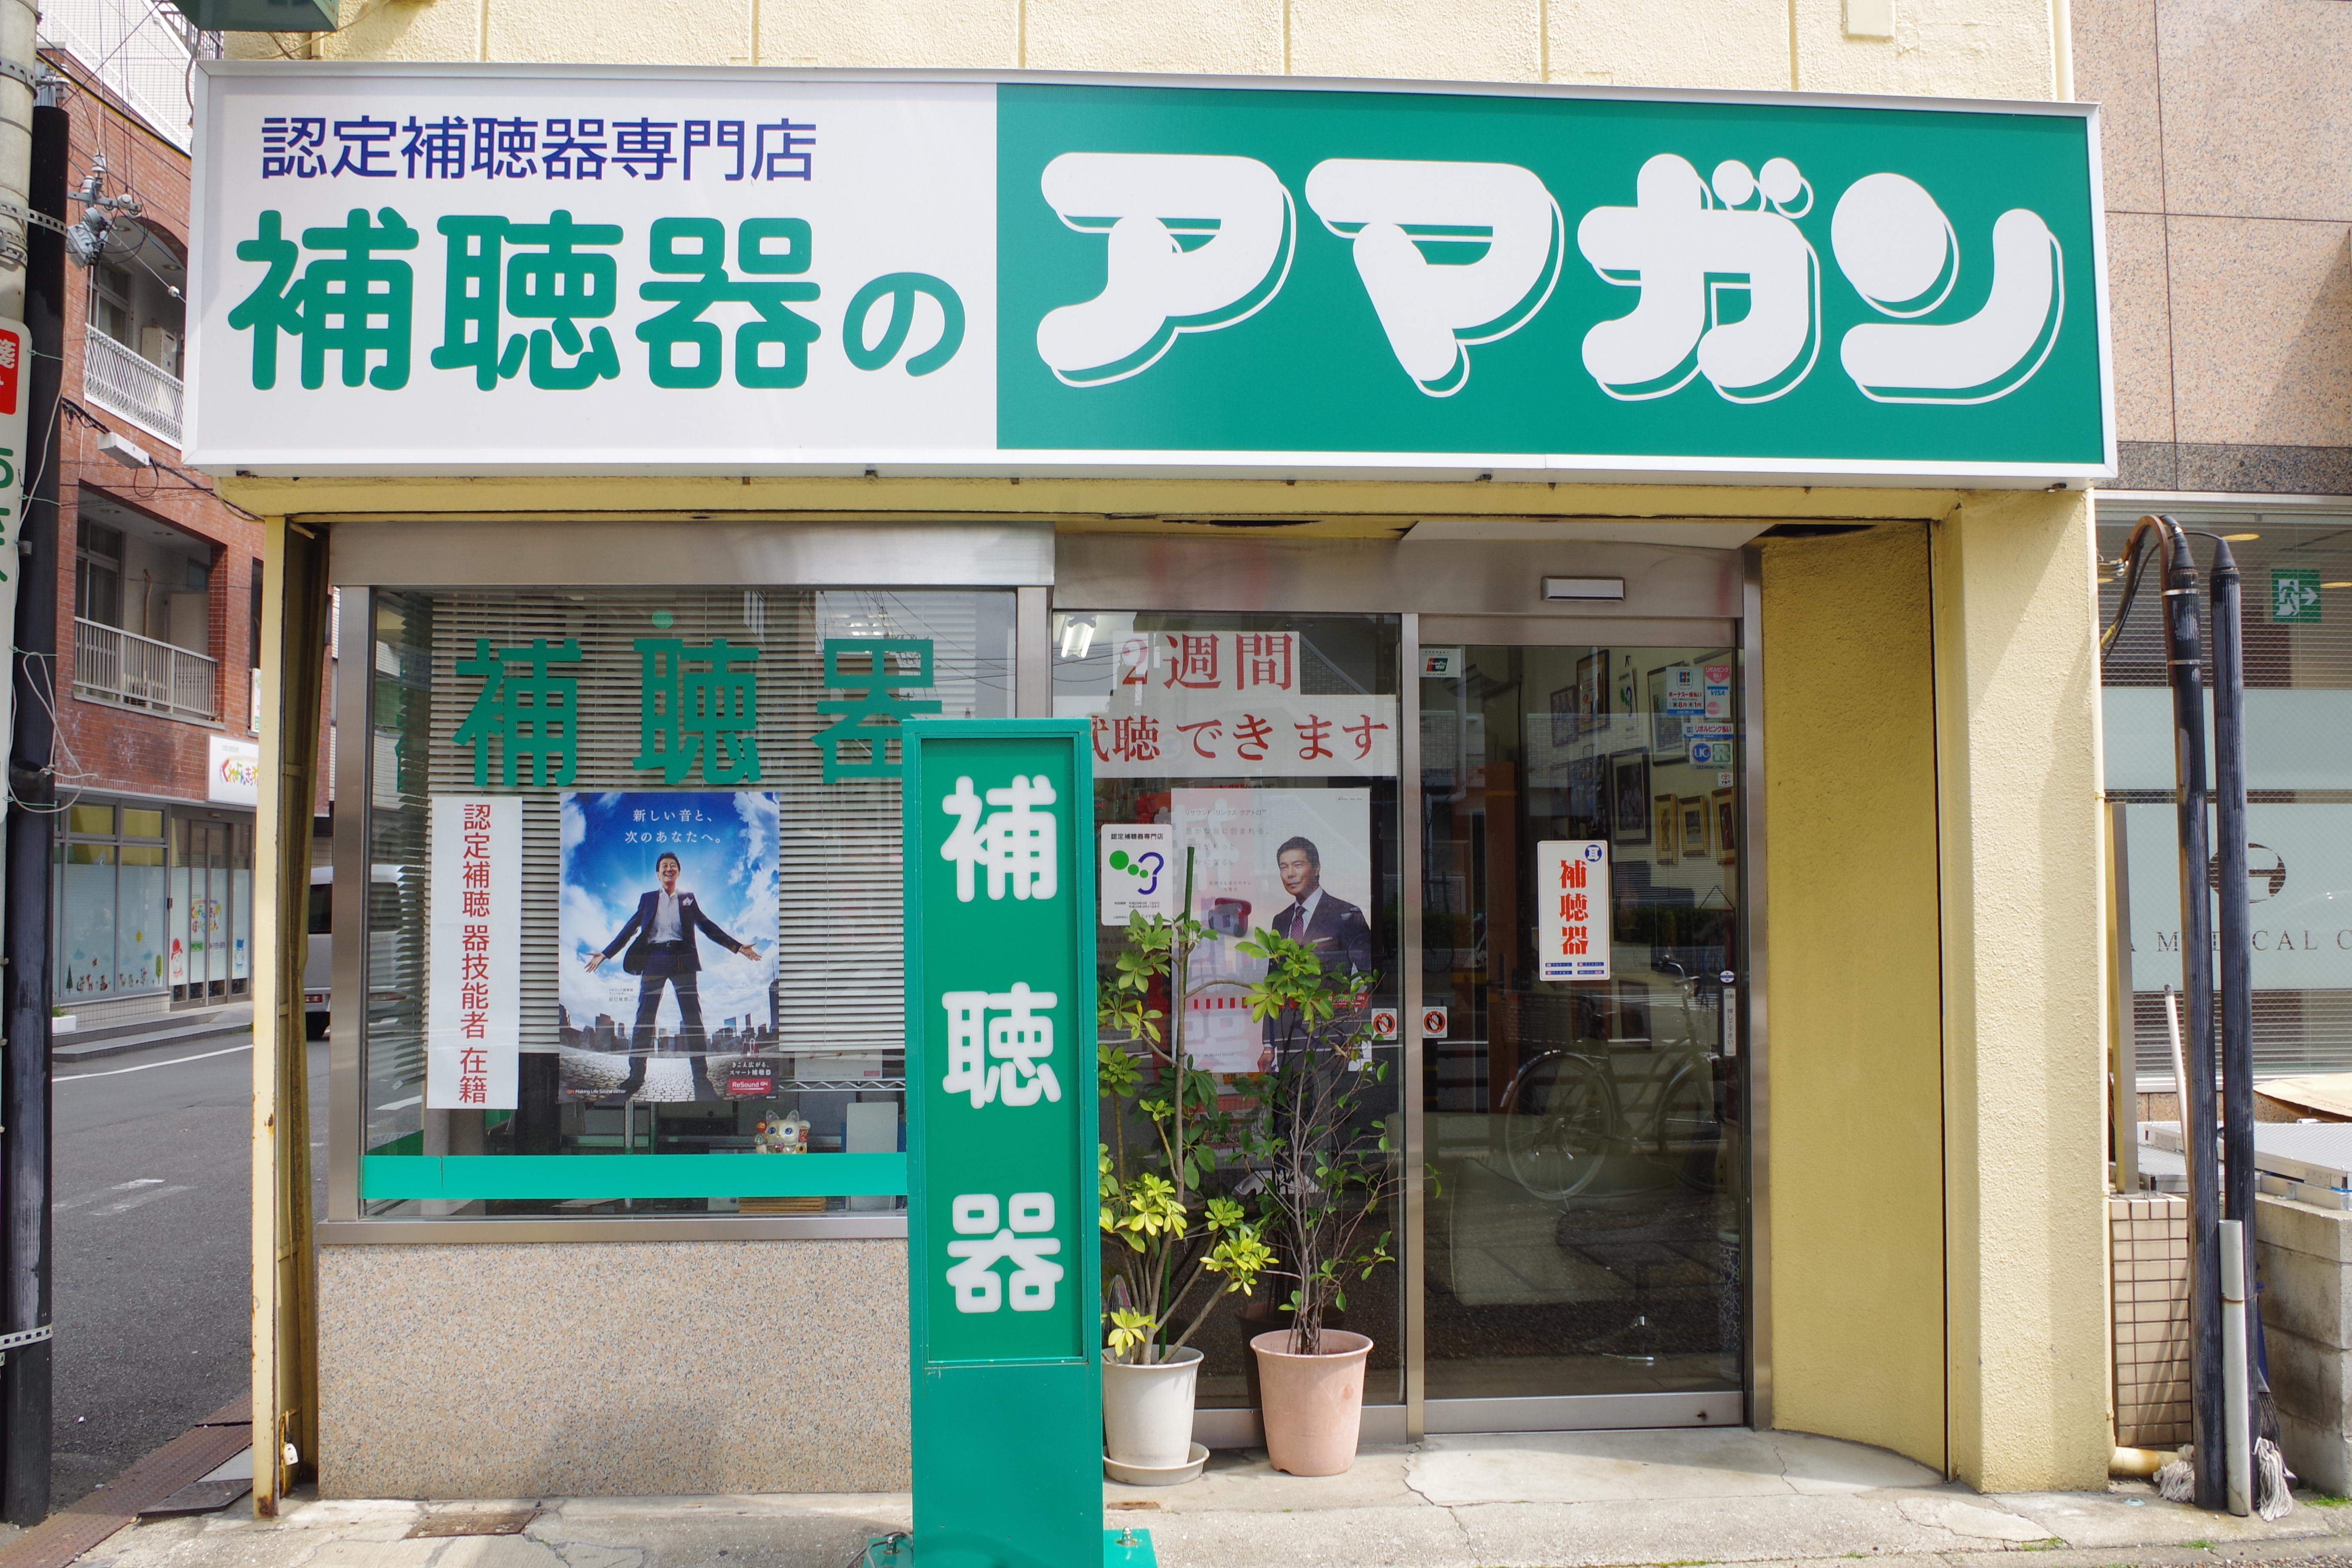 補聴器のアマガン尼崎店舗外観